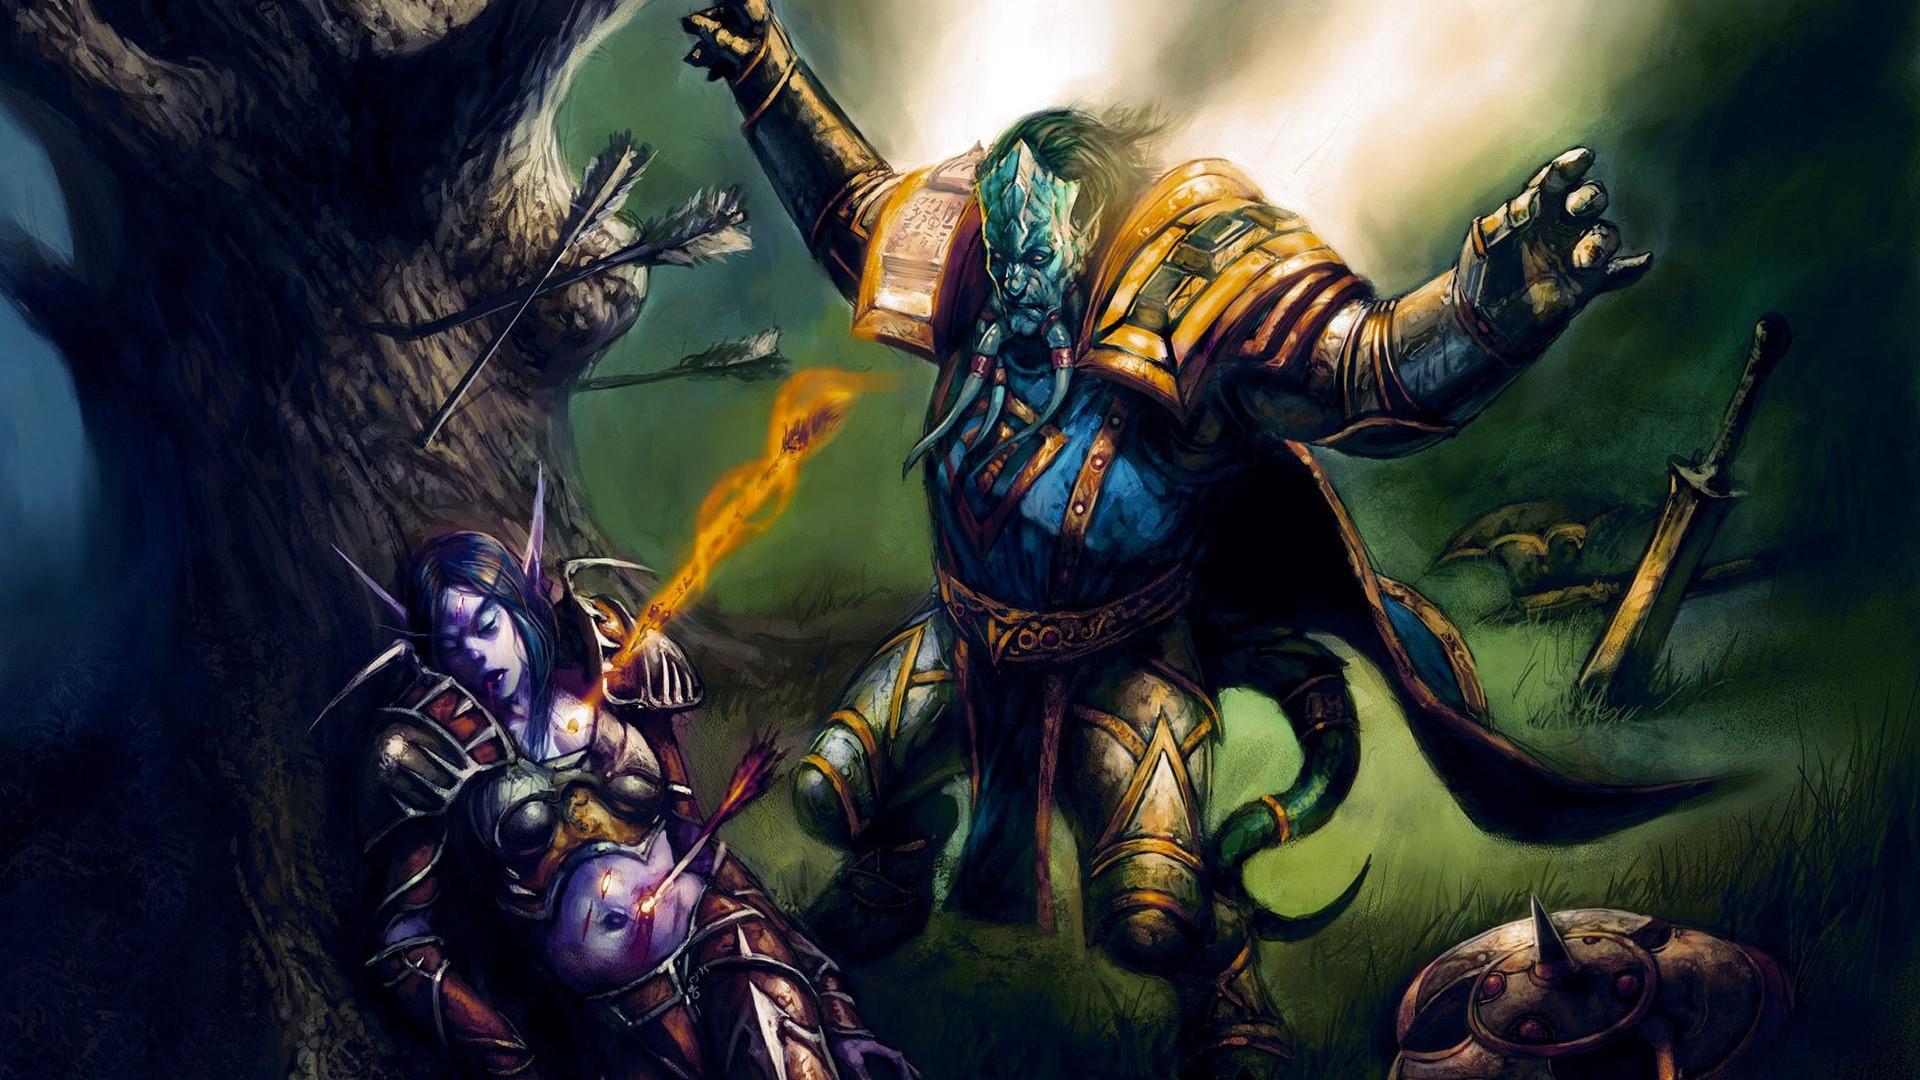 Wallpaper World Of Warcraft Fan Art Elf Tree Sword